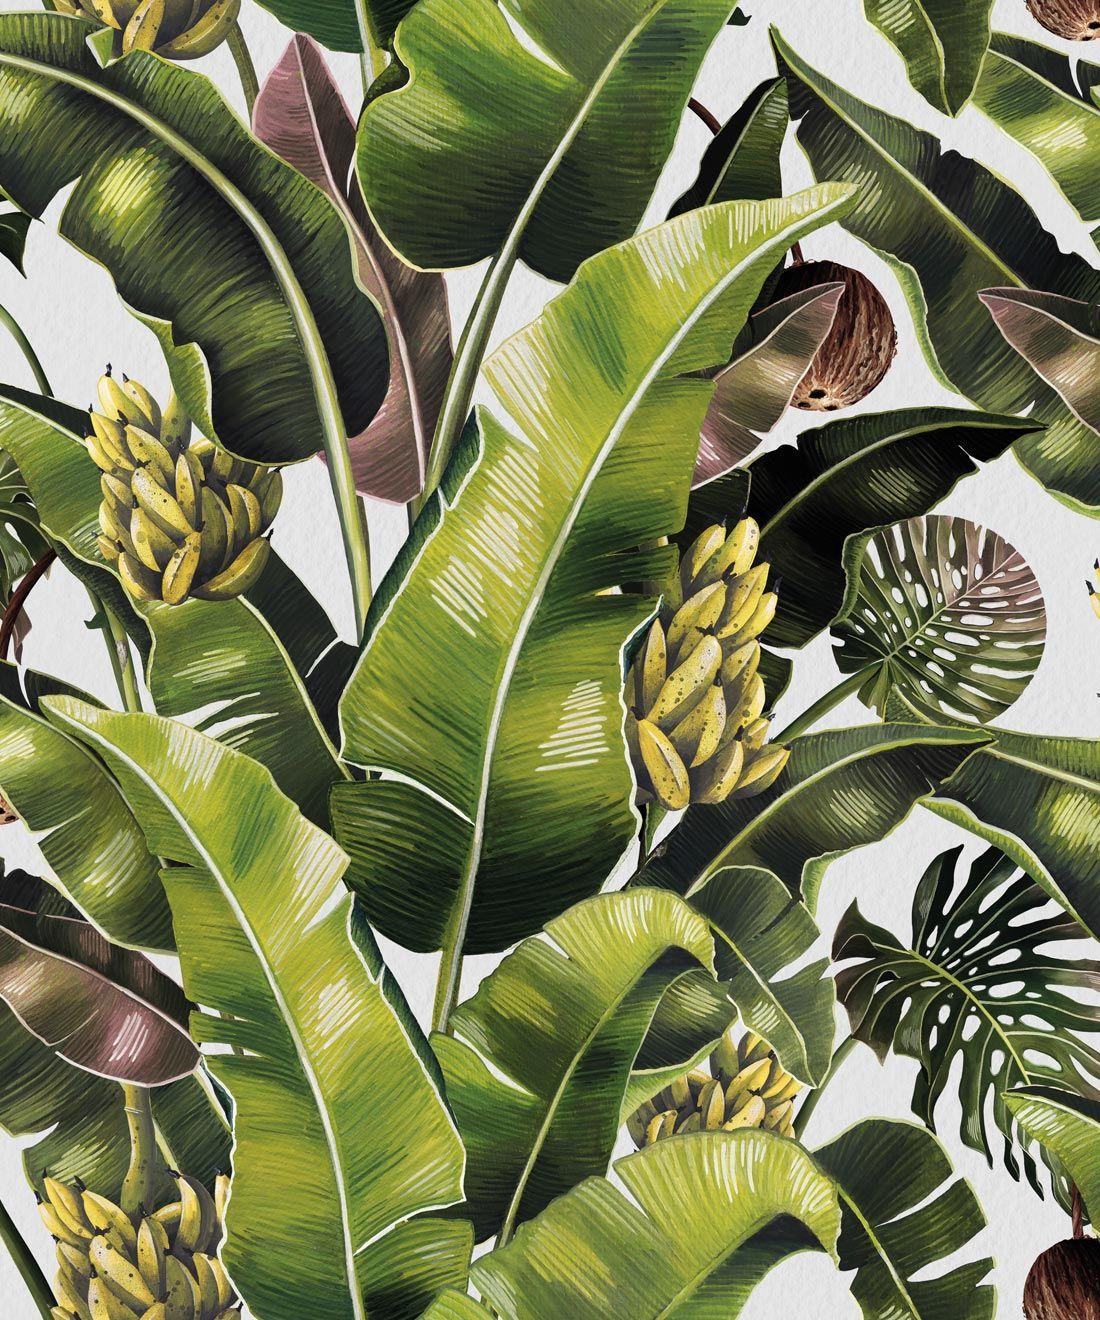 Kingdom Palm Wallpaper • Tropical, Botanical Decor ...